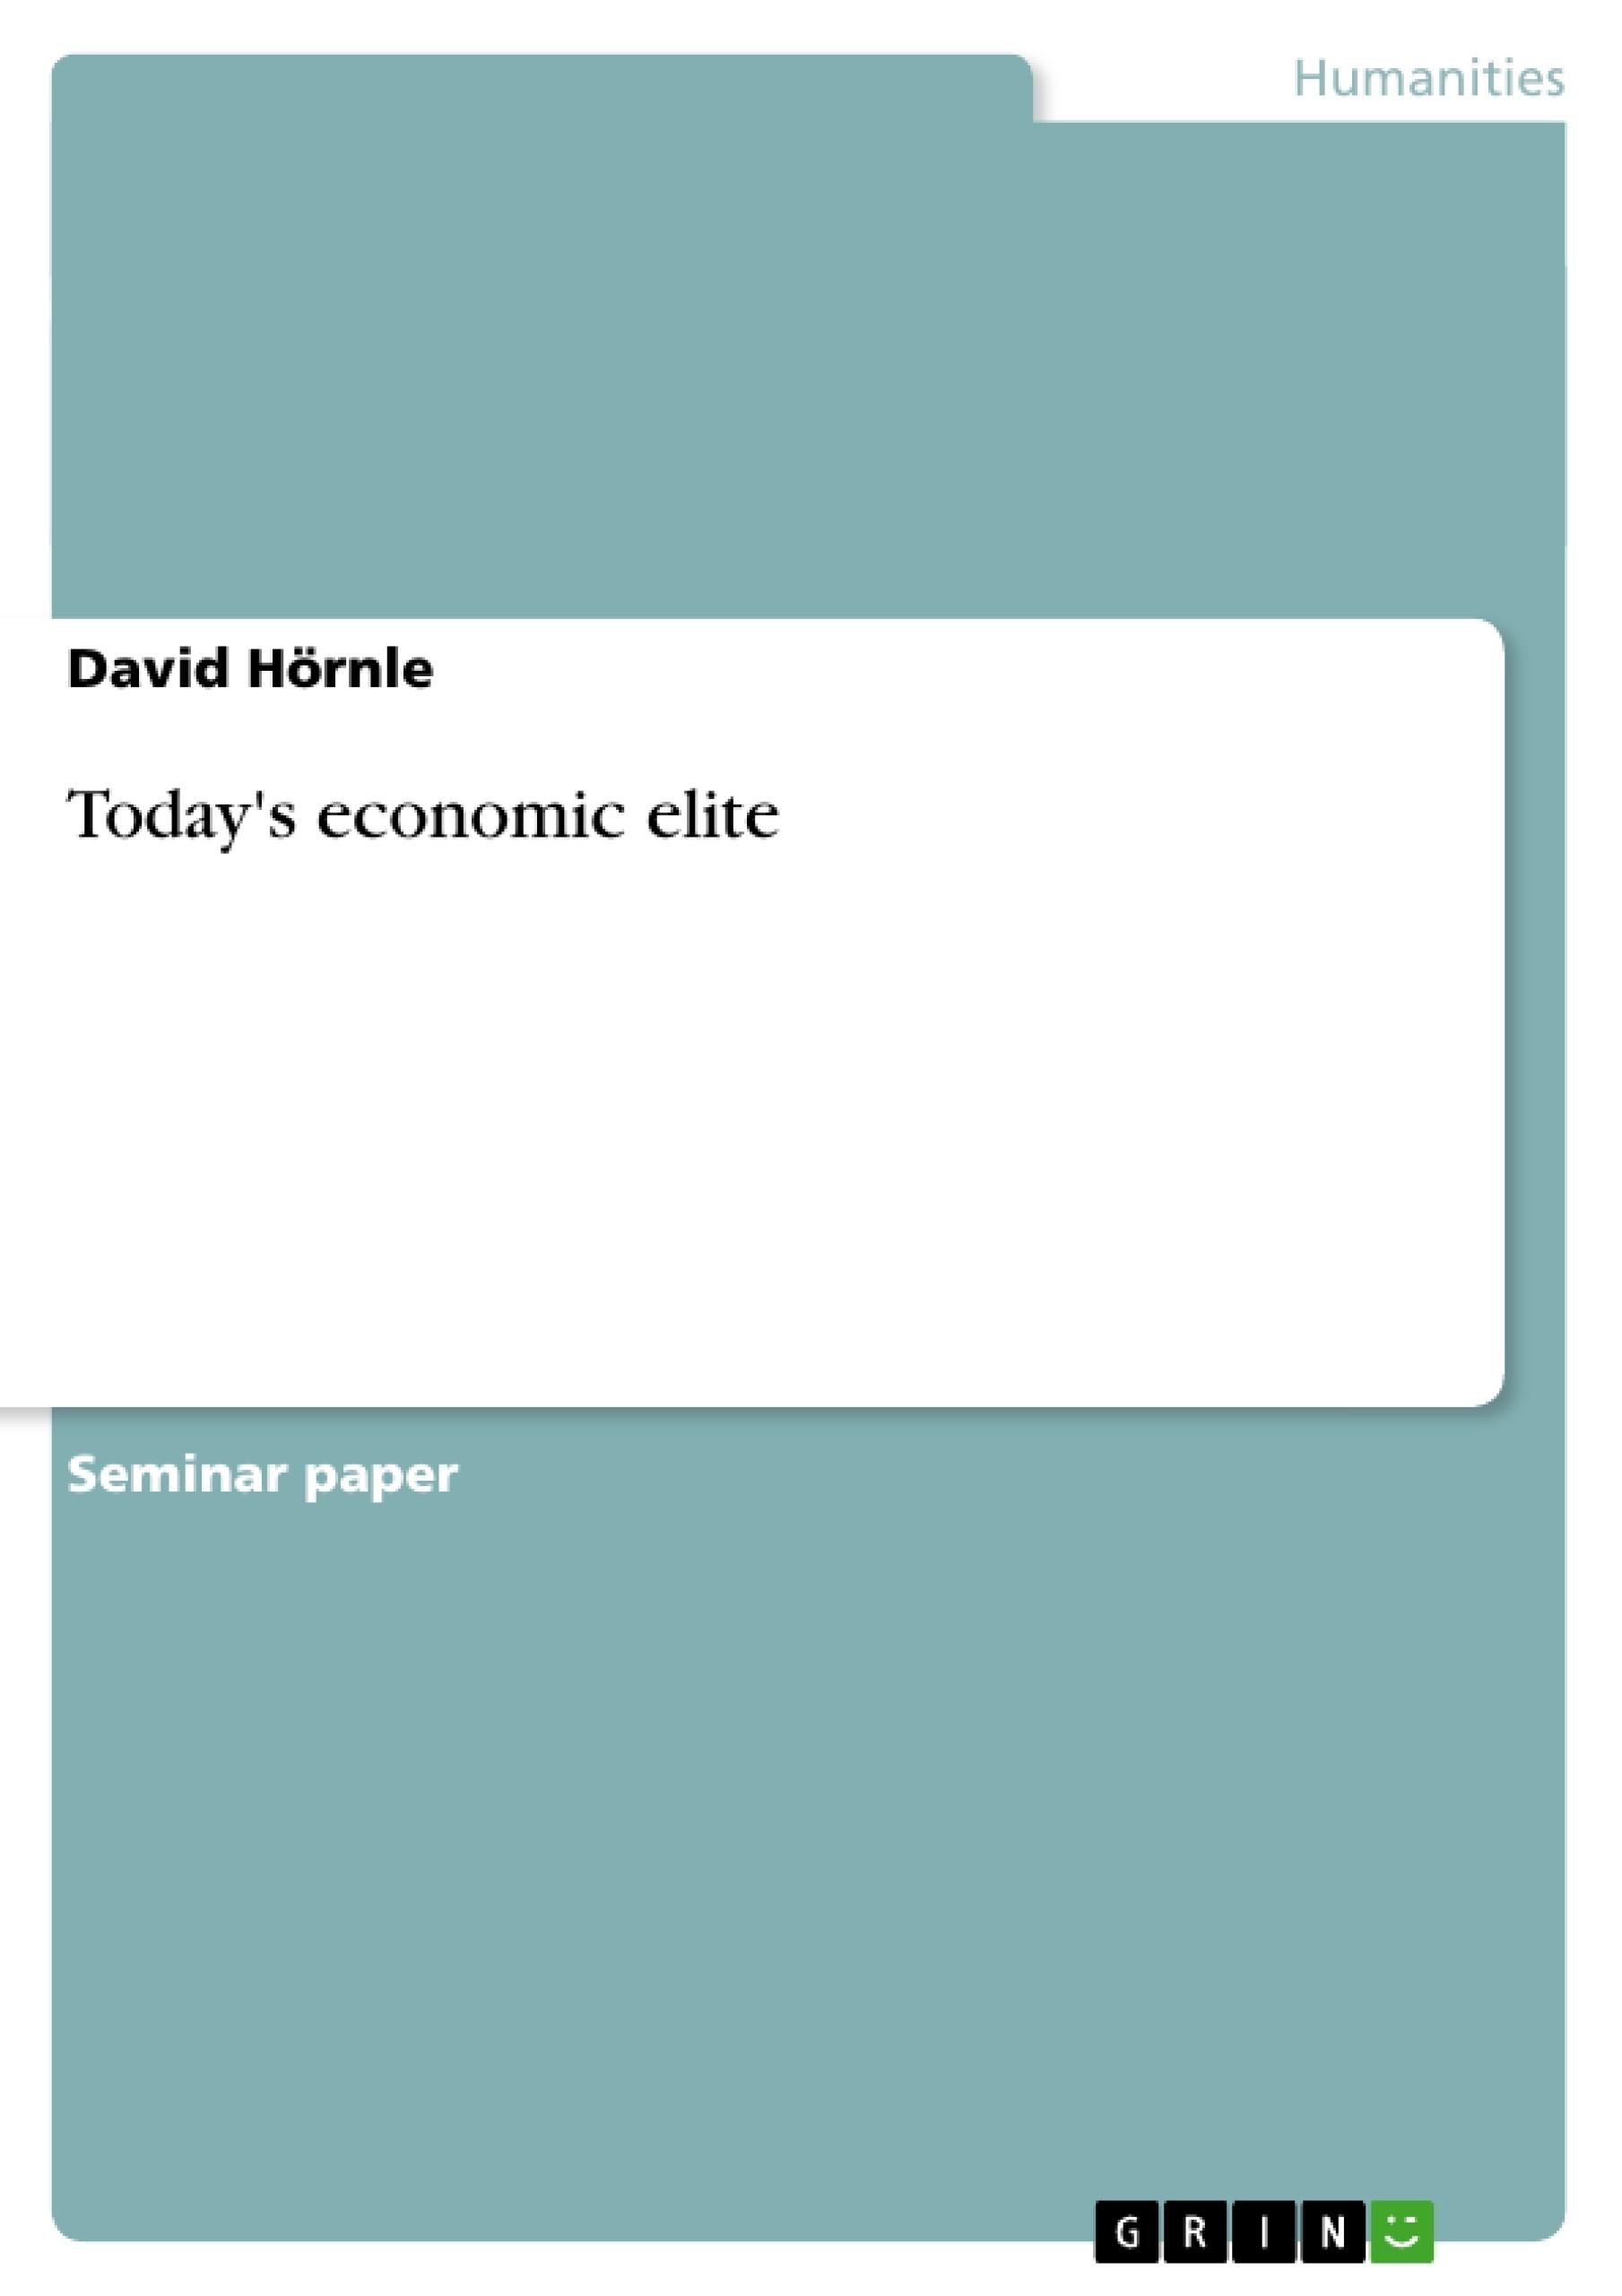 Title: Today's economic elite